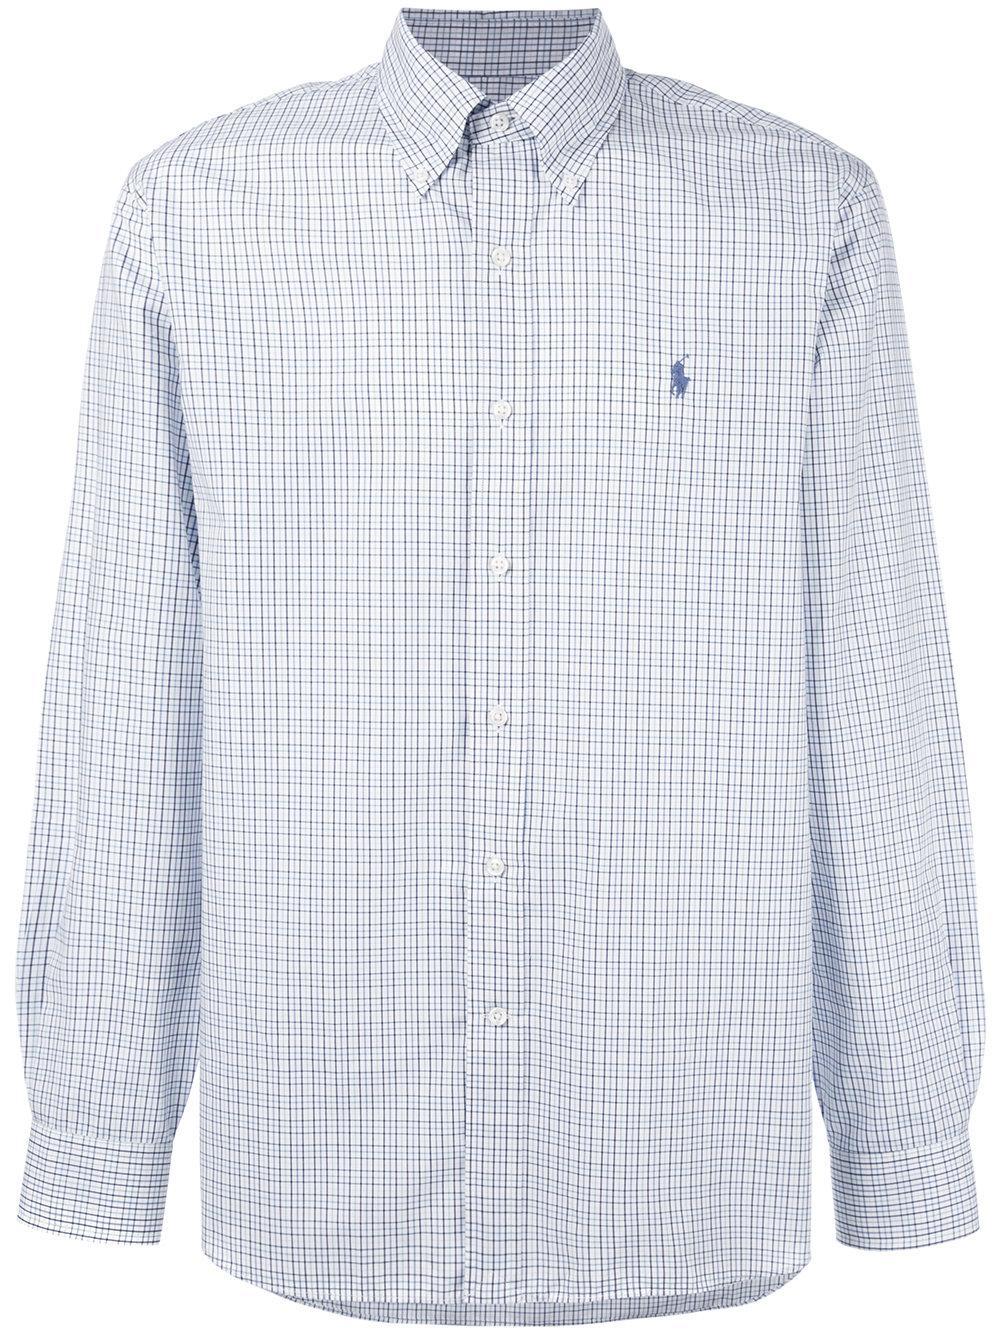 Polo ralph lauren plaid button down shirt in white for men for White button down shirt mens